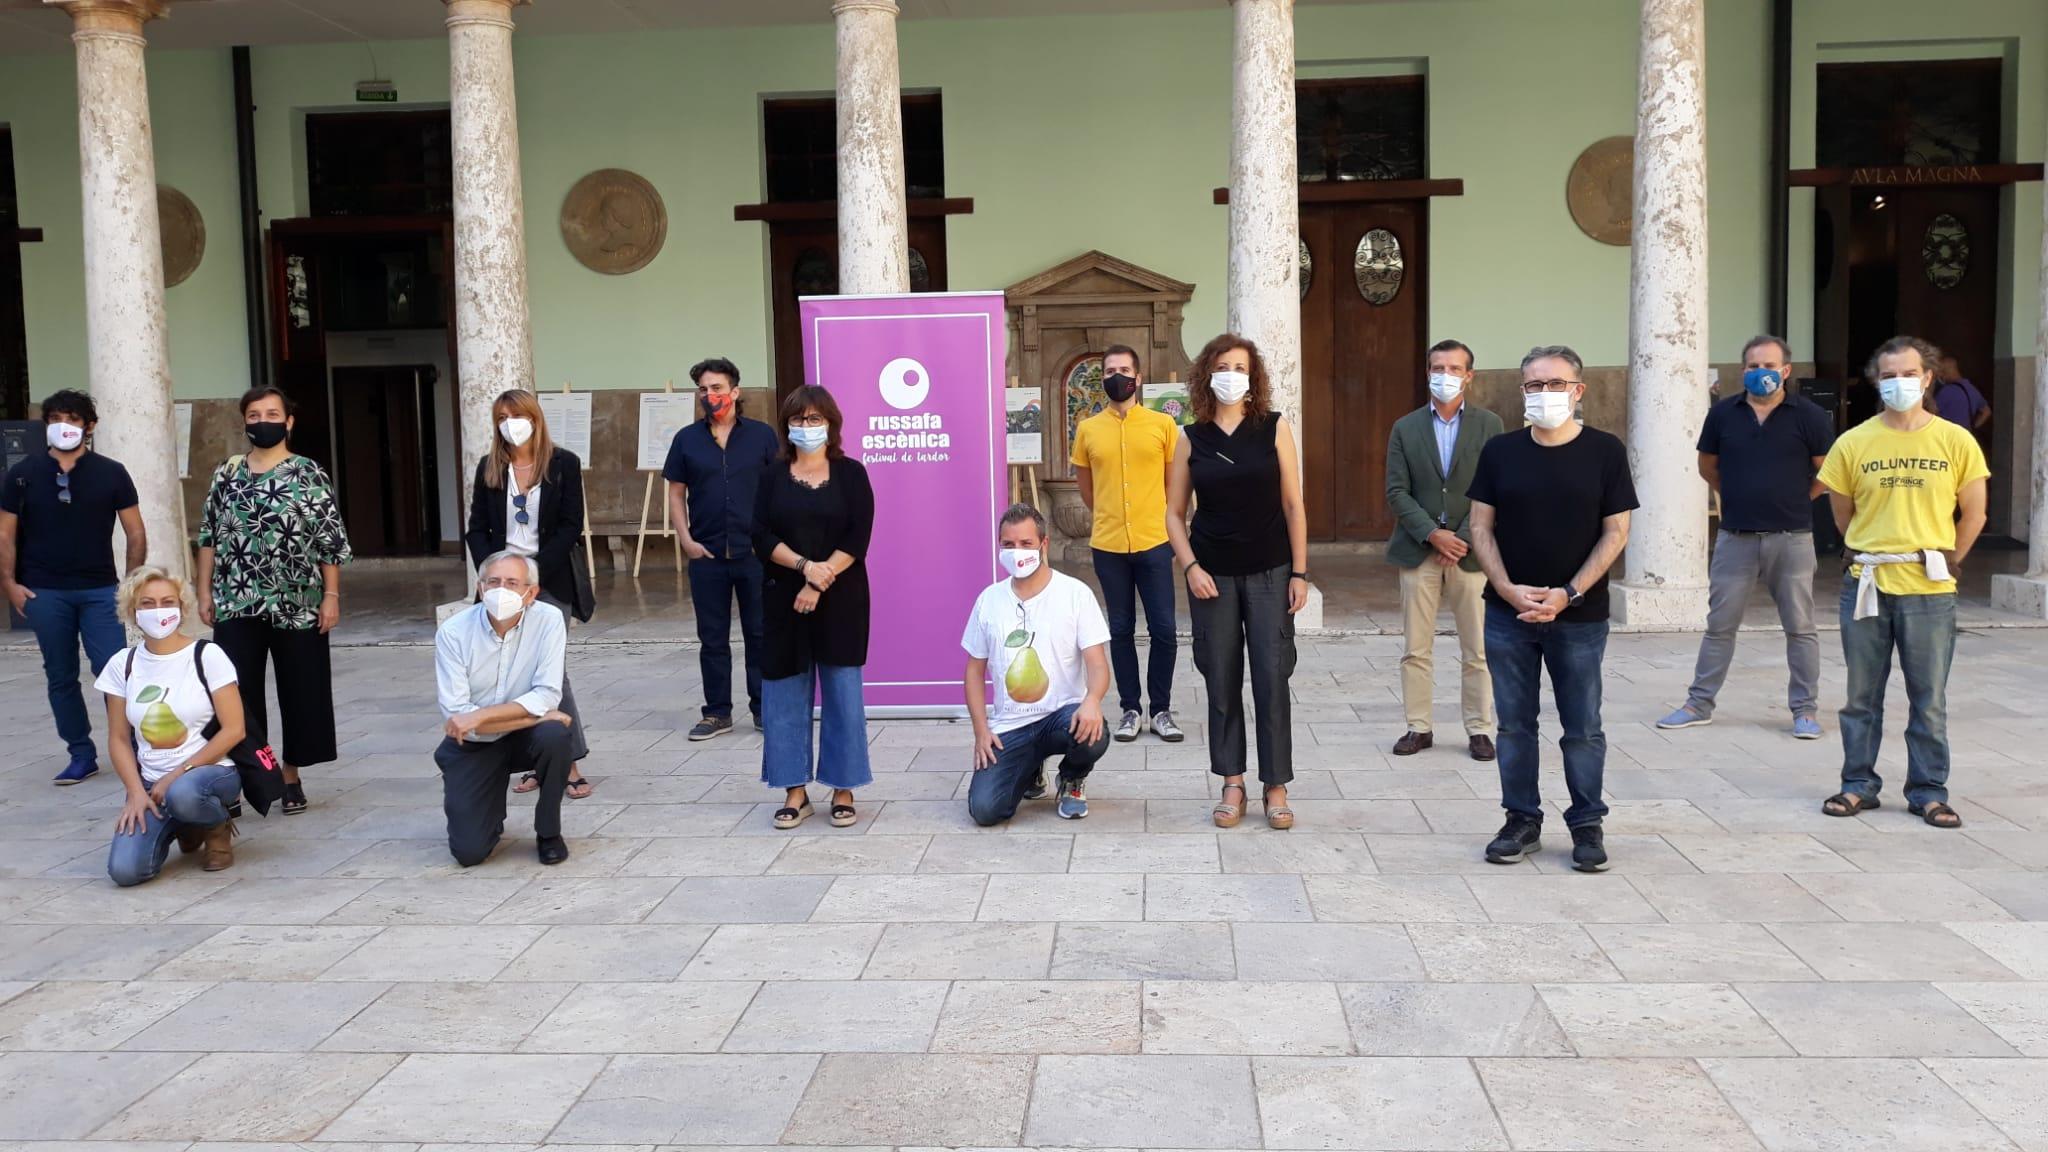 """Cultura participa en el festival """"Russafa Escènica"""" con espectáculos en San Miguel de los Reyes, el Rialto y el Centre del Carme"""